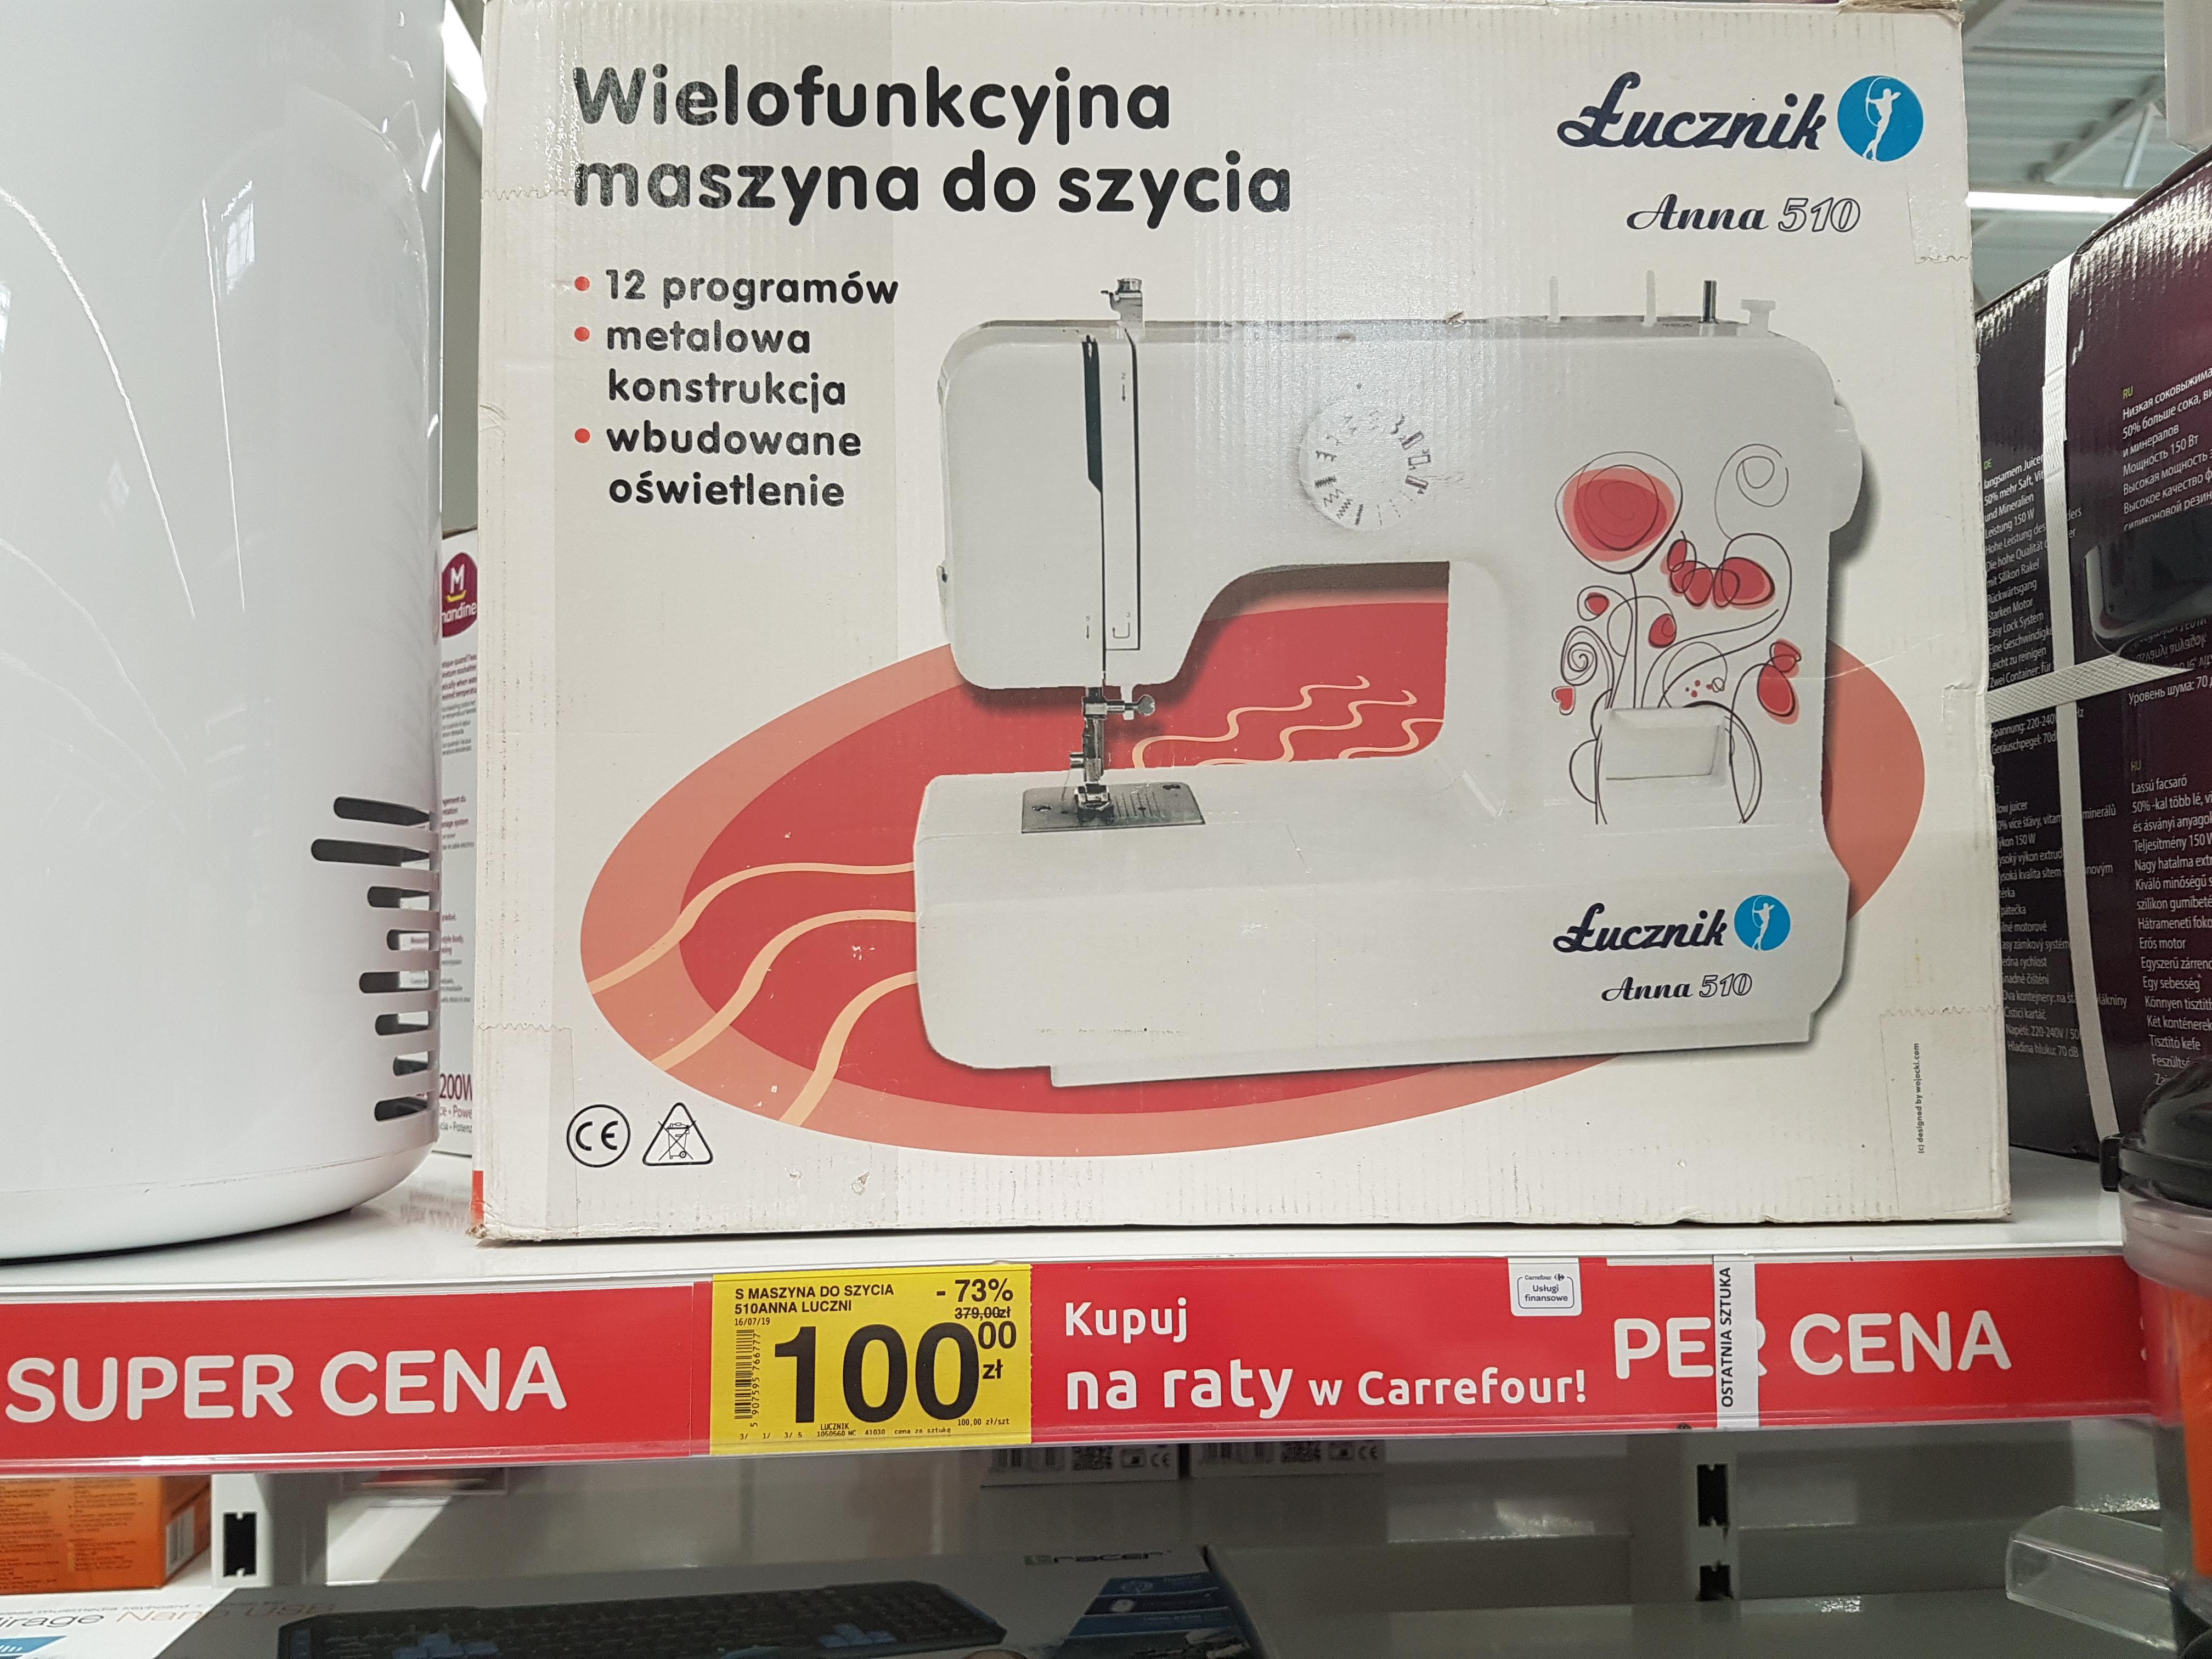 Maszyna do szycia Łucznik Anna 510, Carrefour